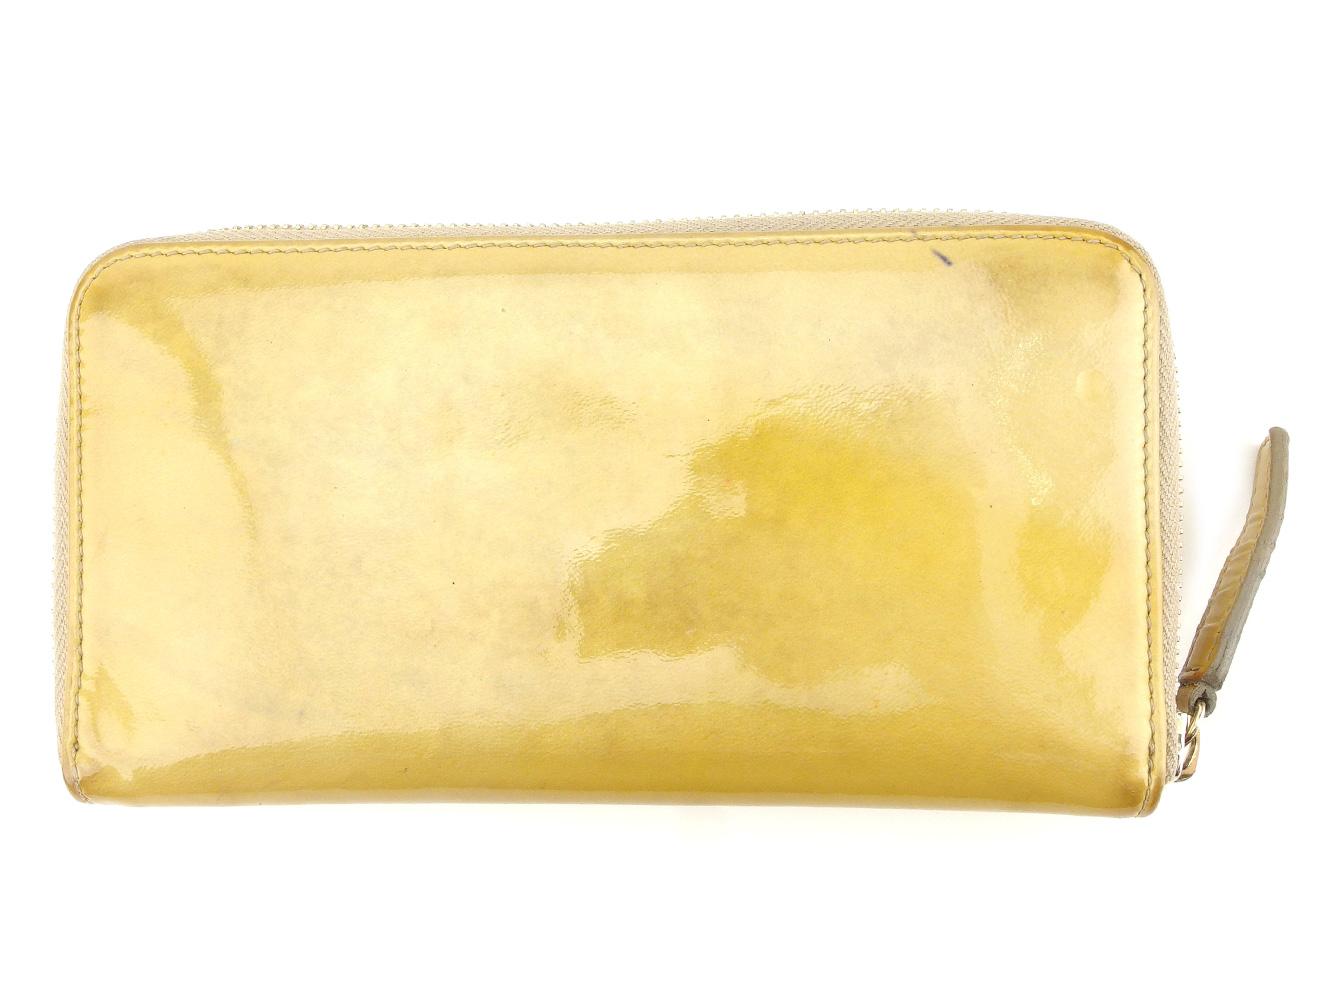 3dbf117460bd 【中古】 ブルガリ BVLGARI 長財布 ラウンドファスナー レディース メンズ 可 ソリティオ ベージュ エナメルレザー 人気 セール C3225- レディース財布